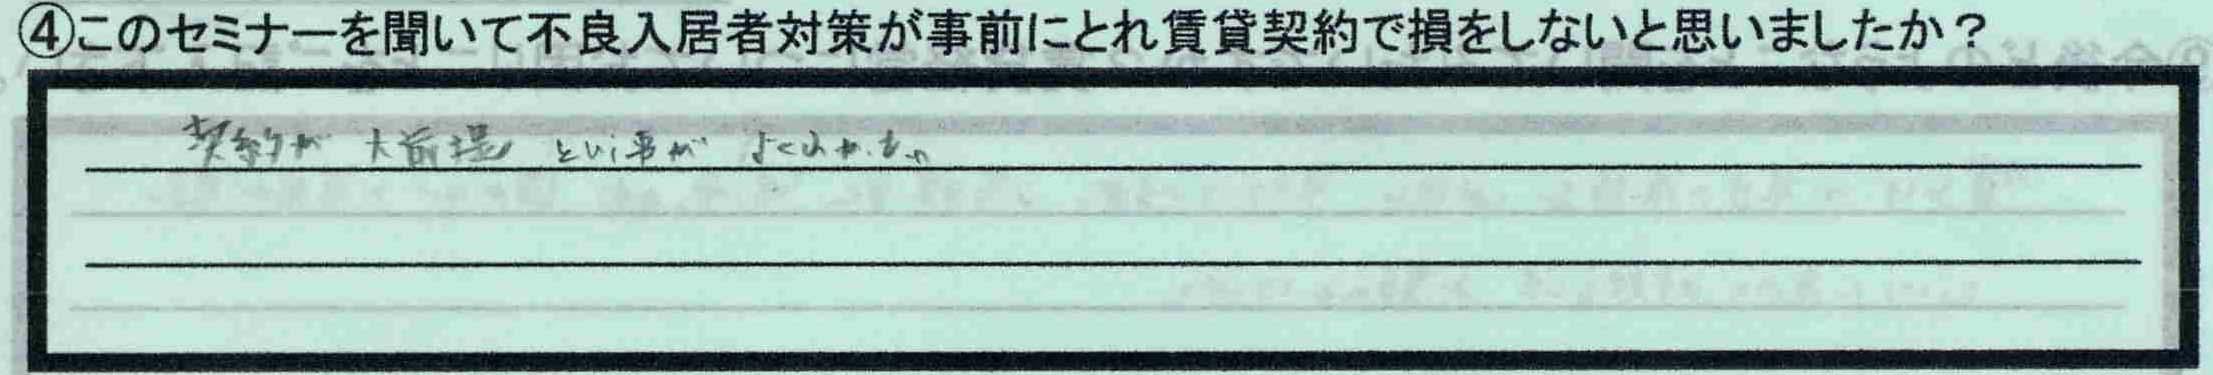 【静岡県浜松市】【I.Yさん】【損をしないと思ったか?】